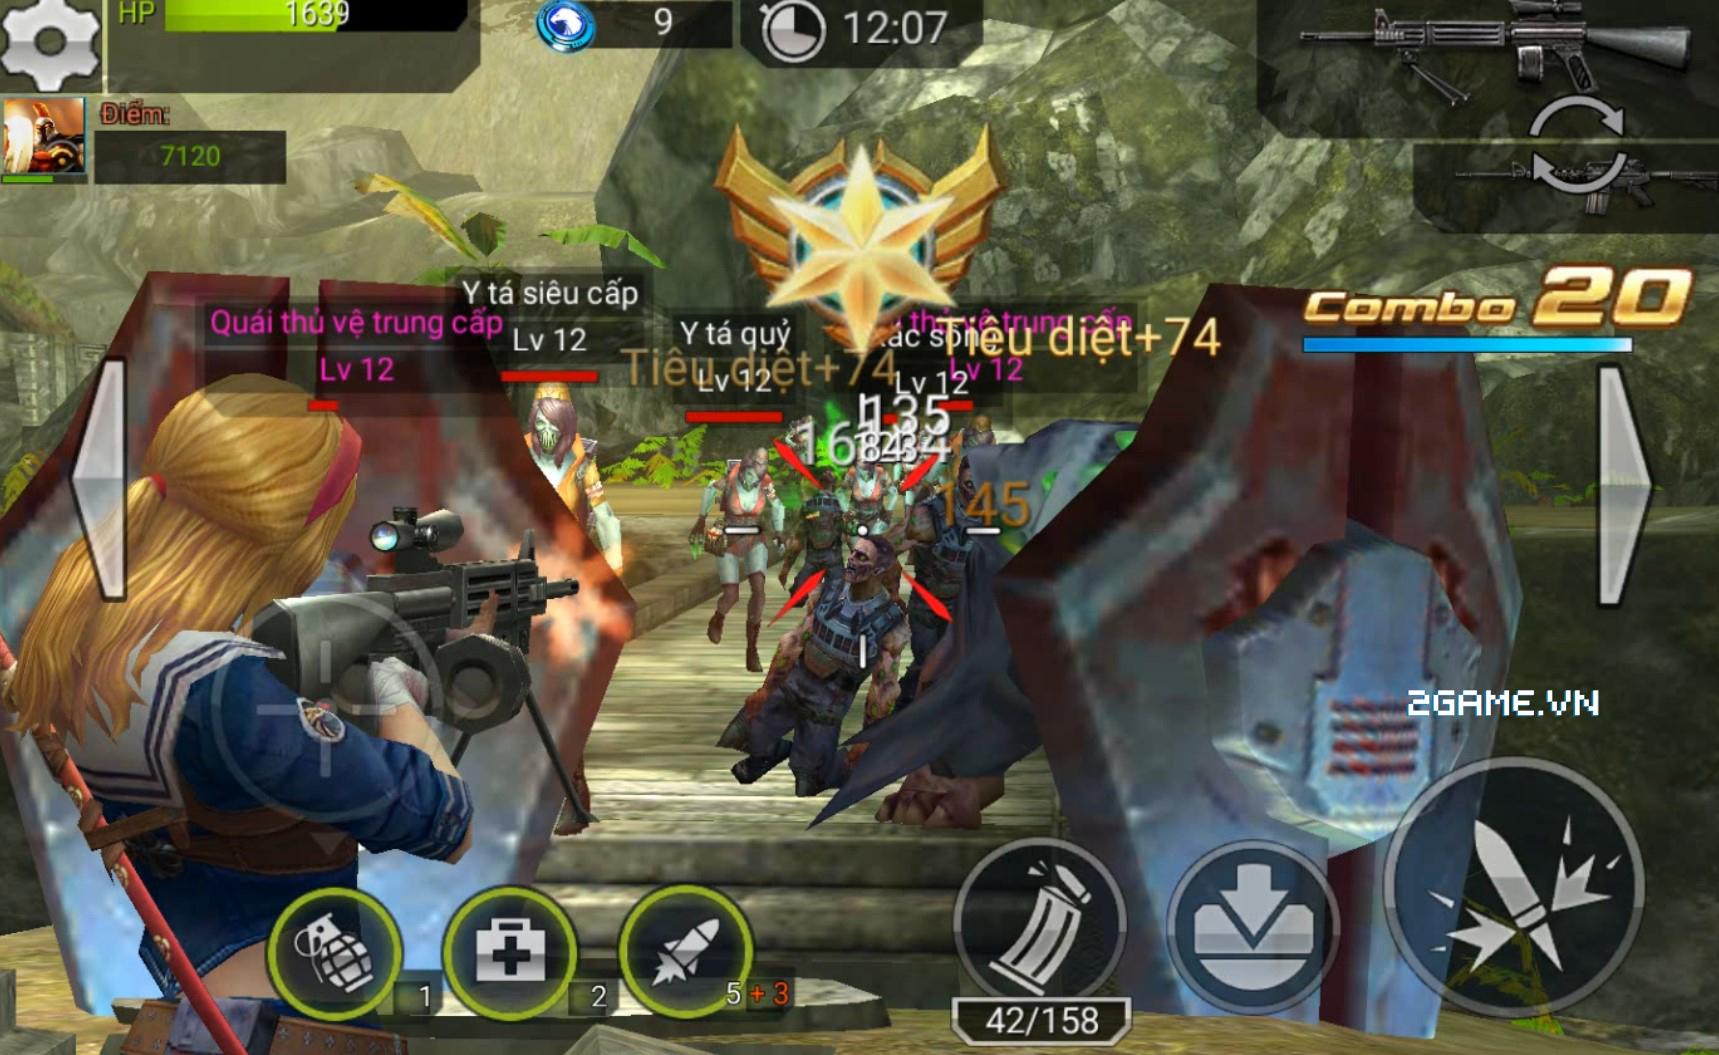 Chiến Dịch Huyền Thoại bắt đầu cho game thủ vào săn boss 1